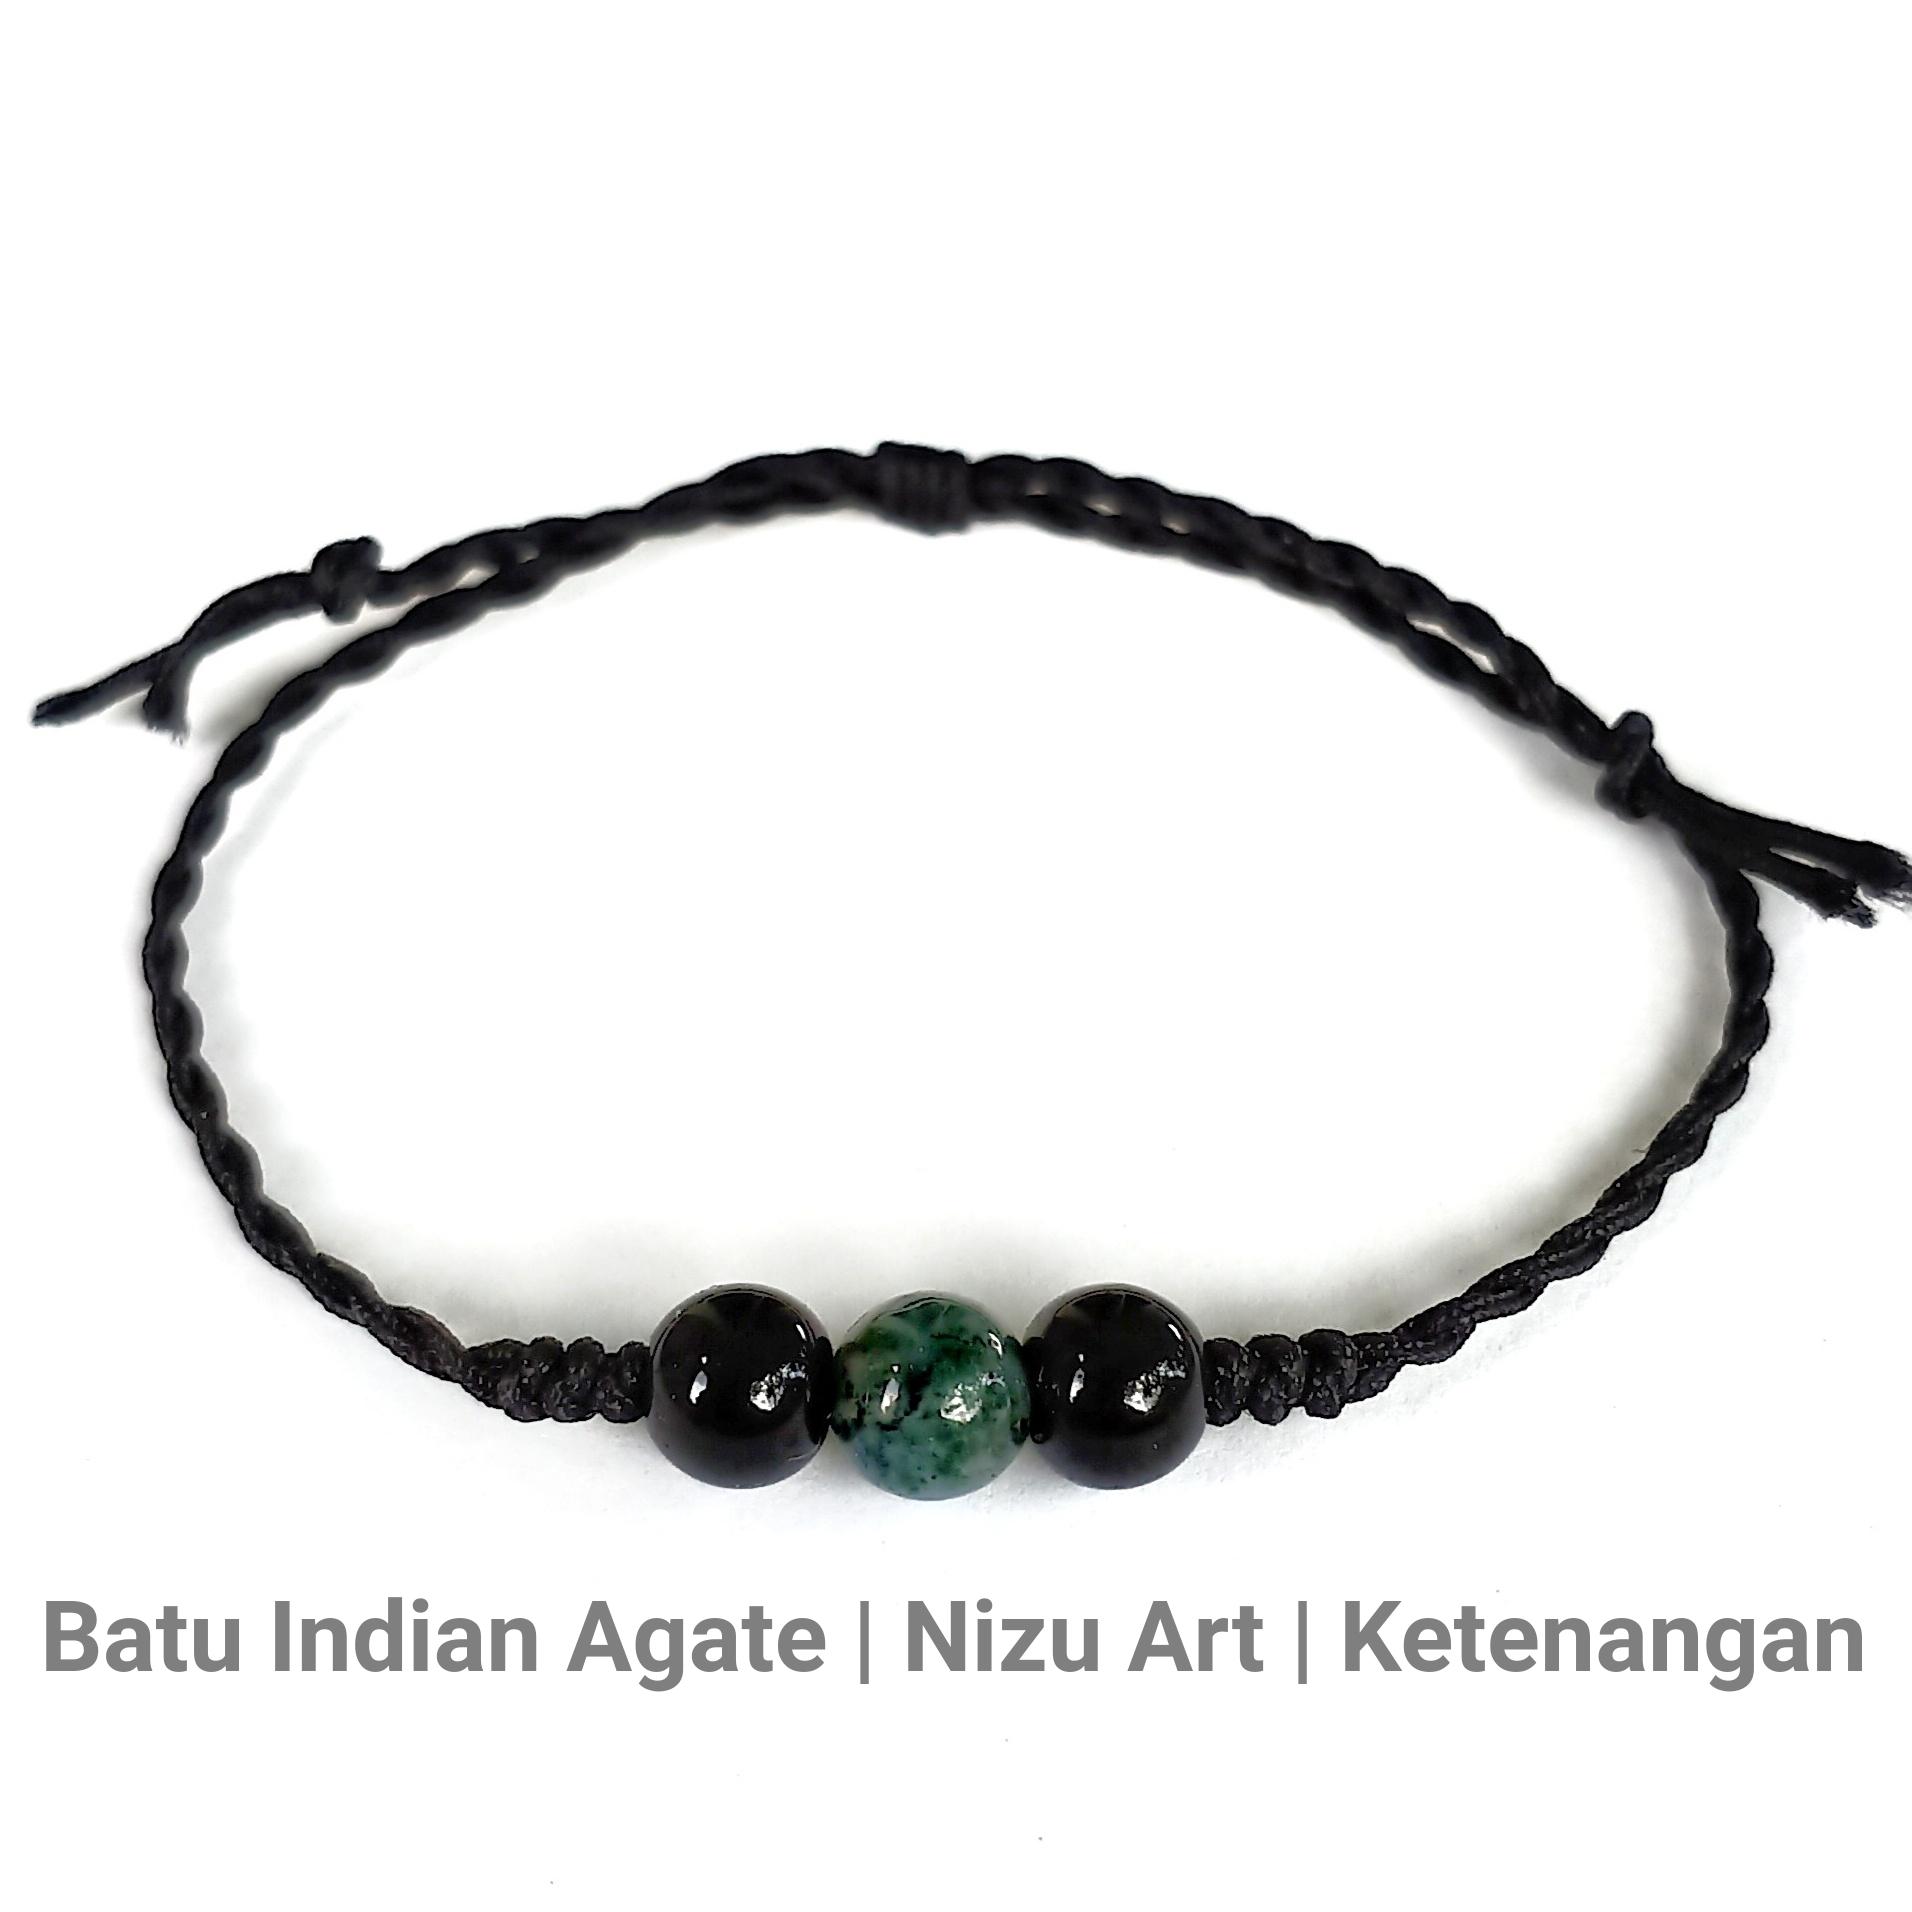 gelang batu alam indian agate tali giok etnik handmade pria wanita couple keberuntungan